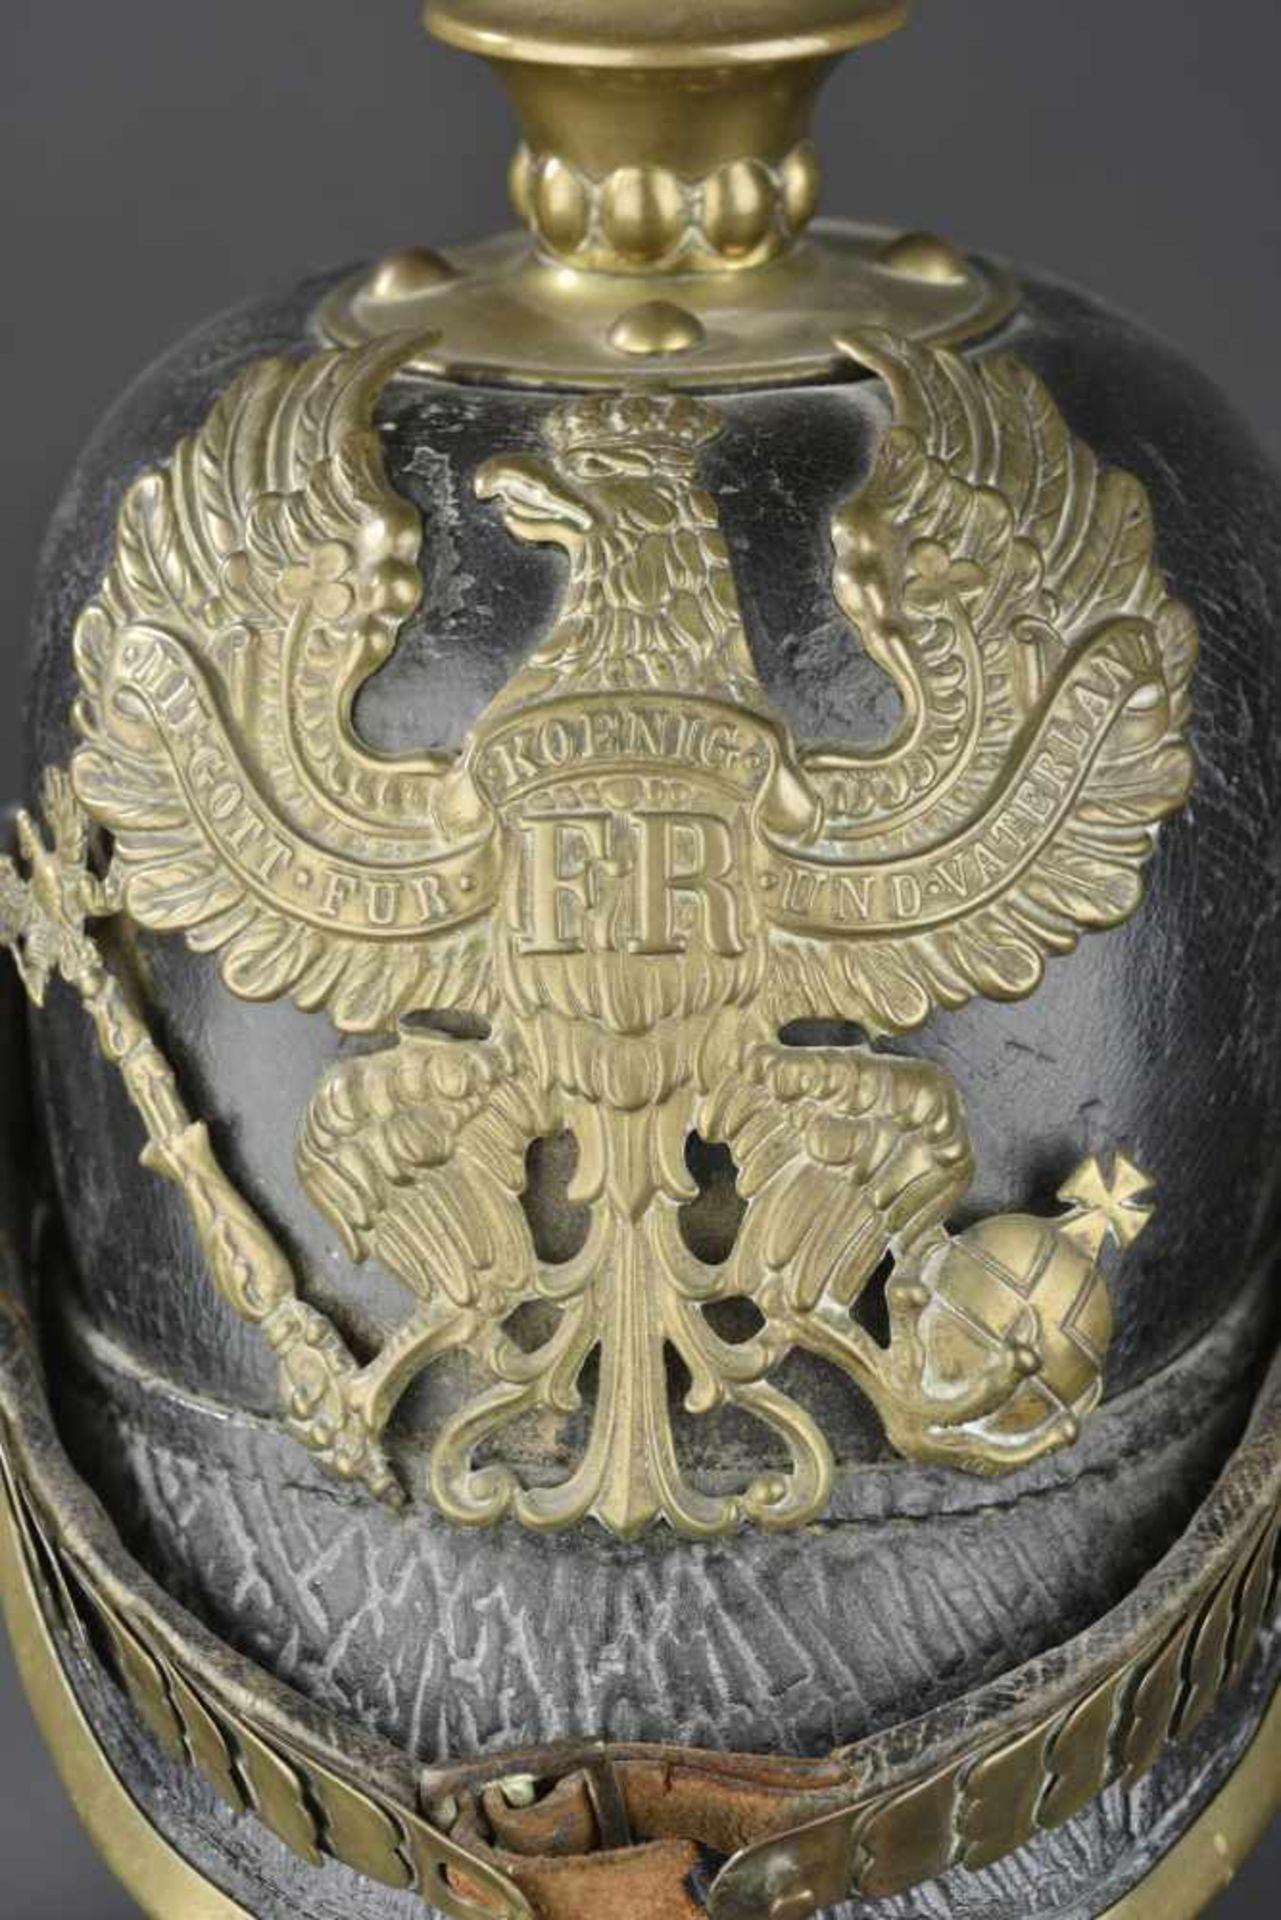 PRUSSE Casque à pointe de troupe de l'infanterie Prussienne, modèle 1867/71 Ce type de casque a - Bild 3 aus 4